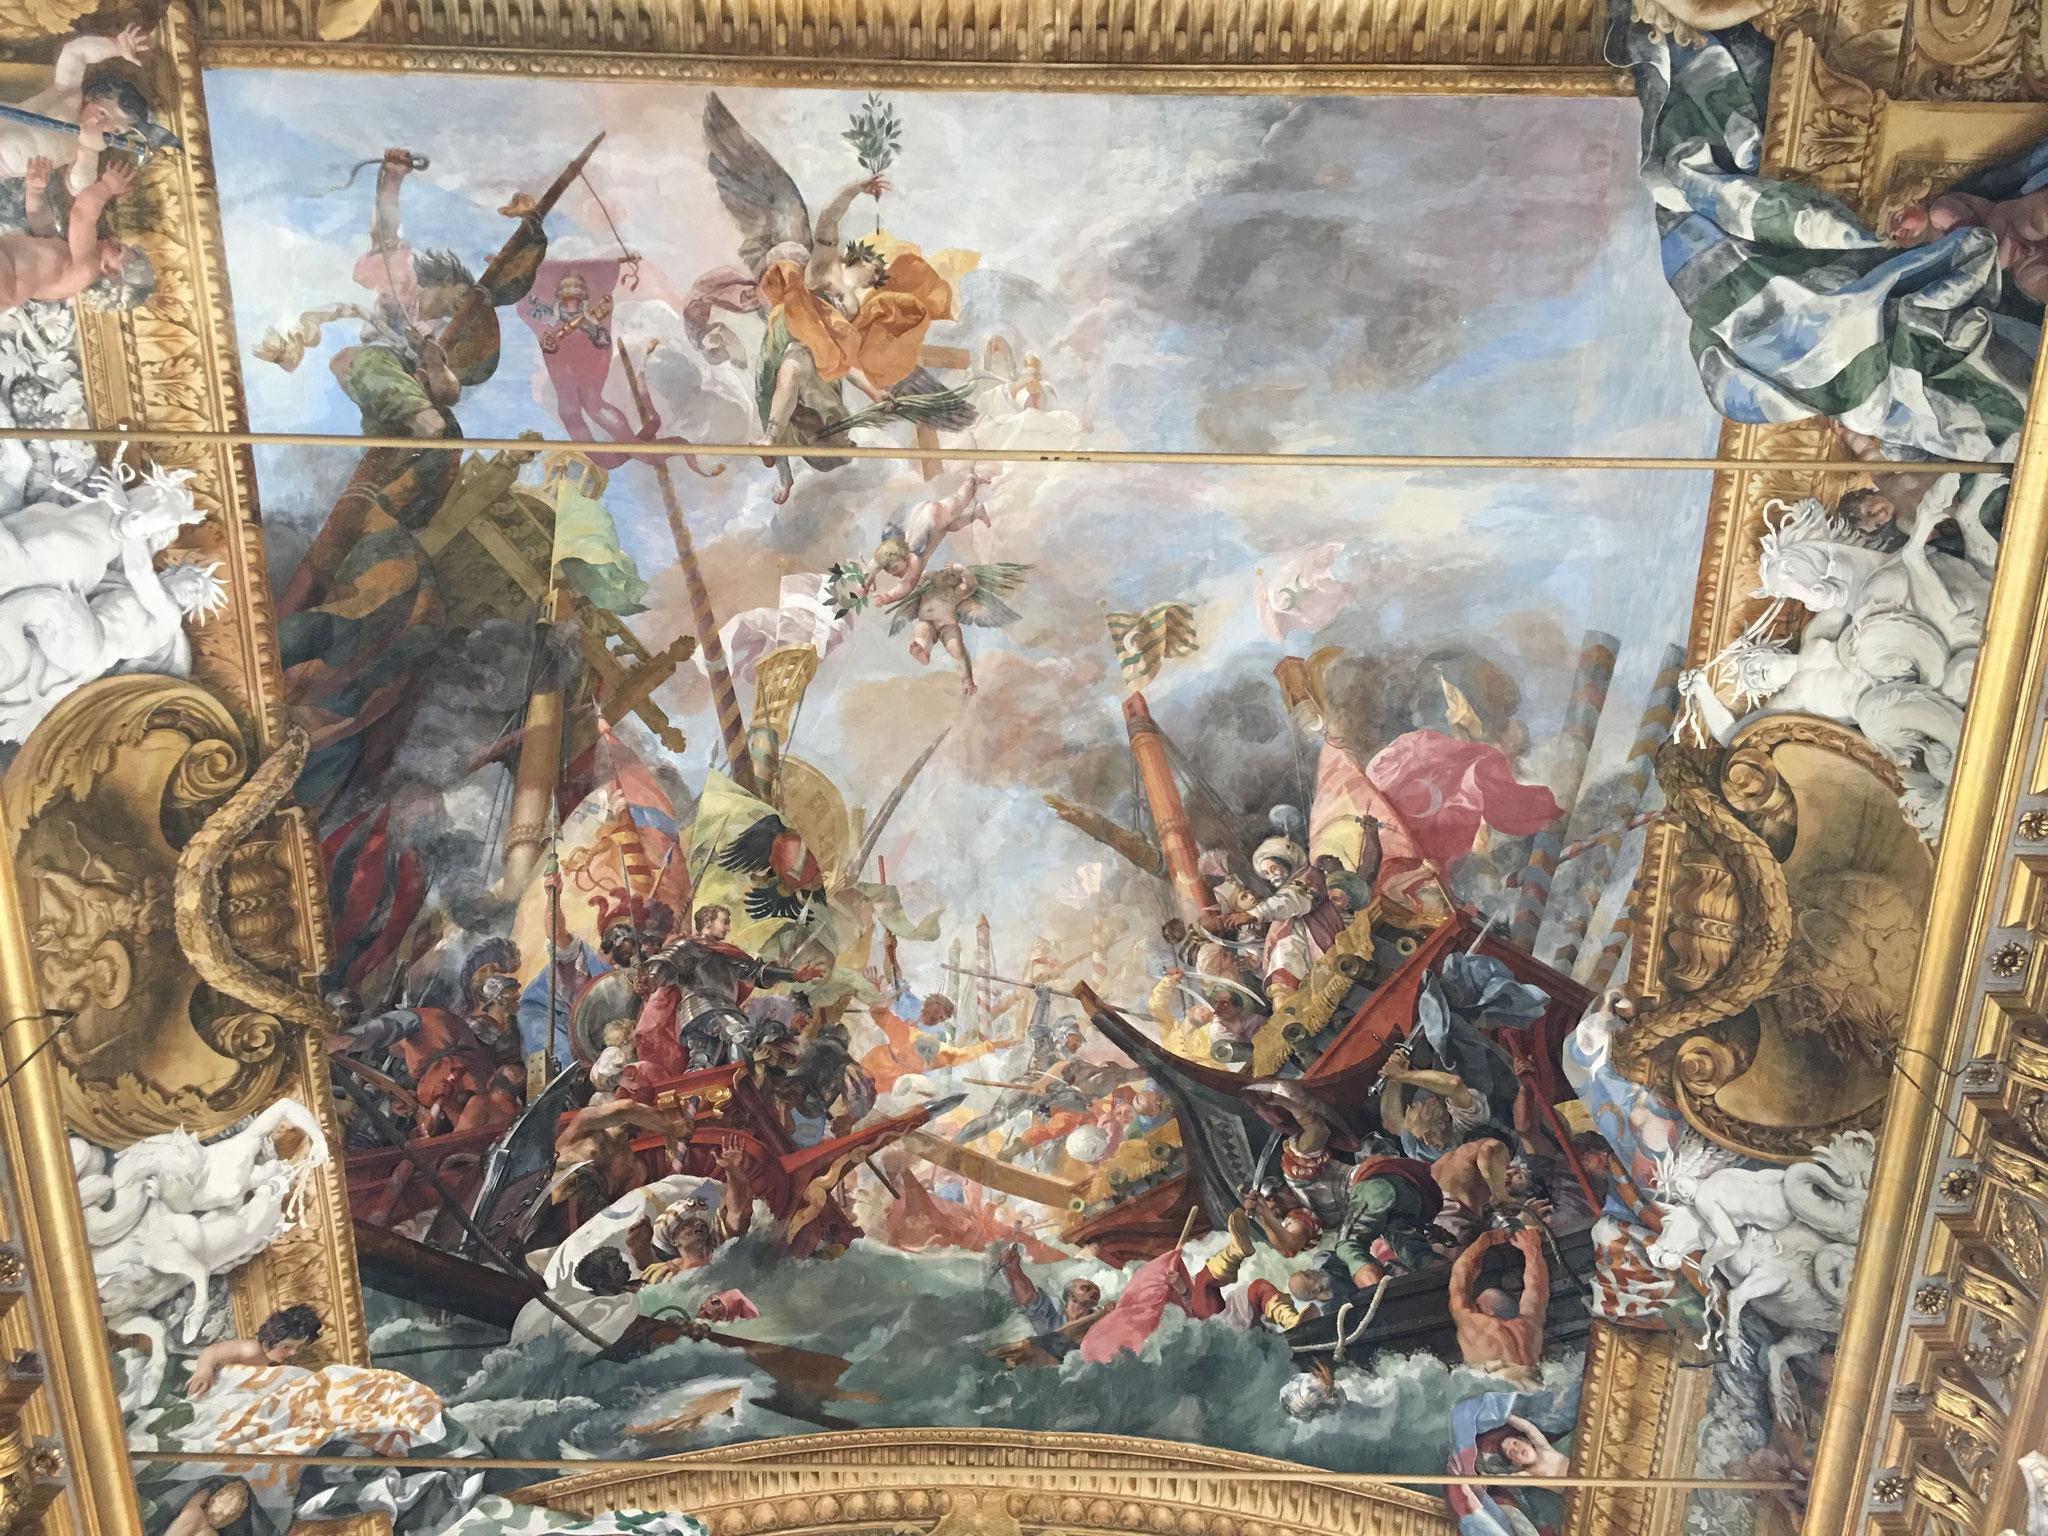 天井のフレスコ画「マルカントニオ・コロンナ2世とレパントの戦い」。17世紀。